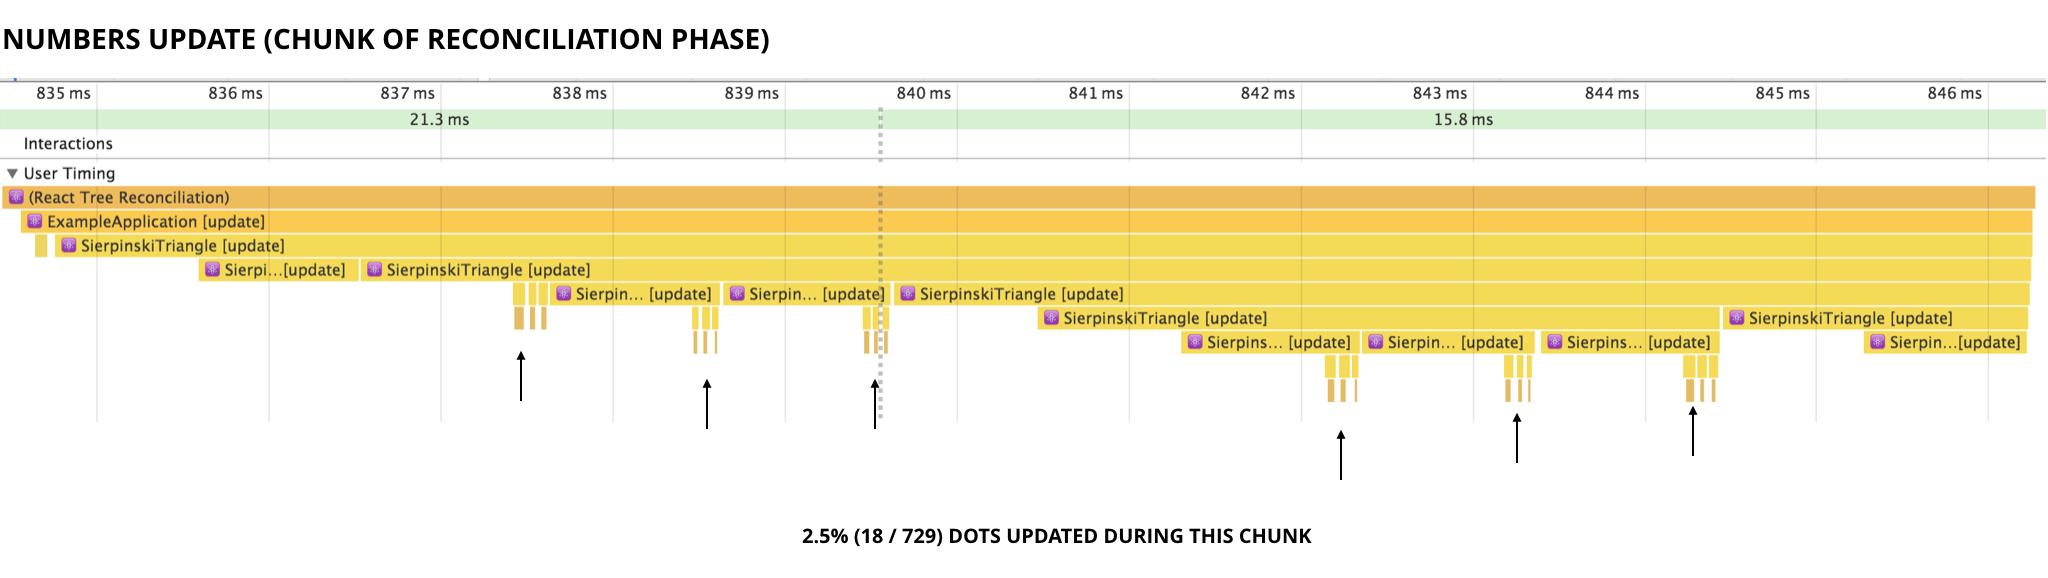 Numbers Update Chunk